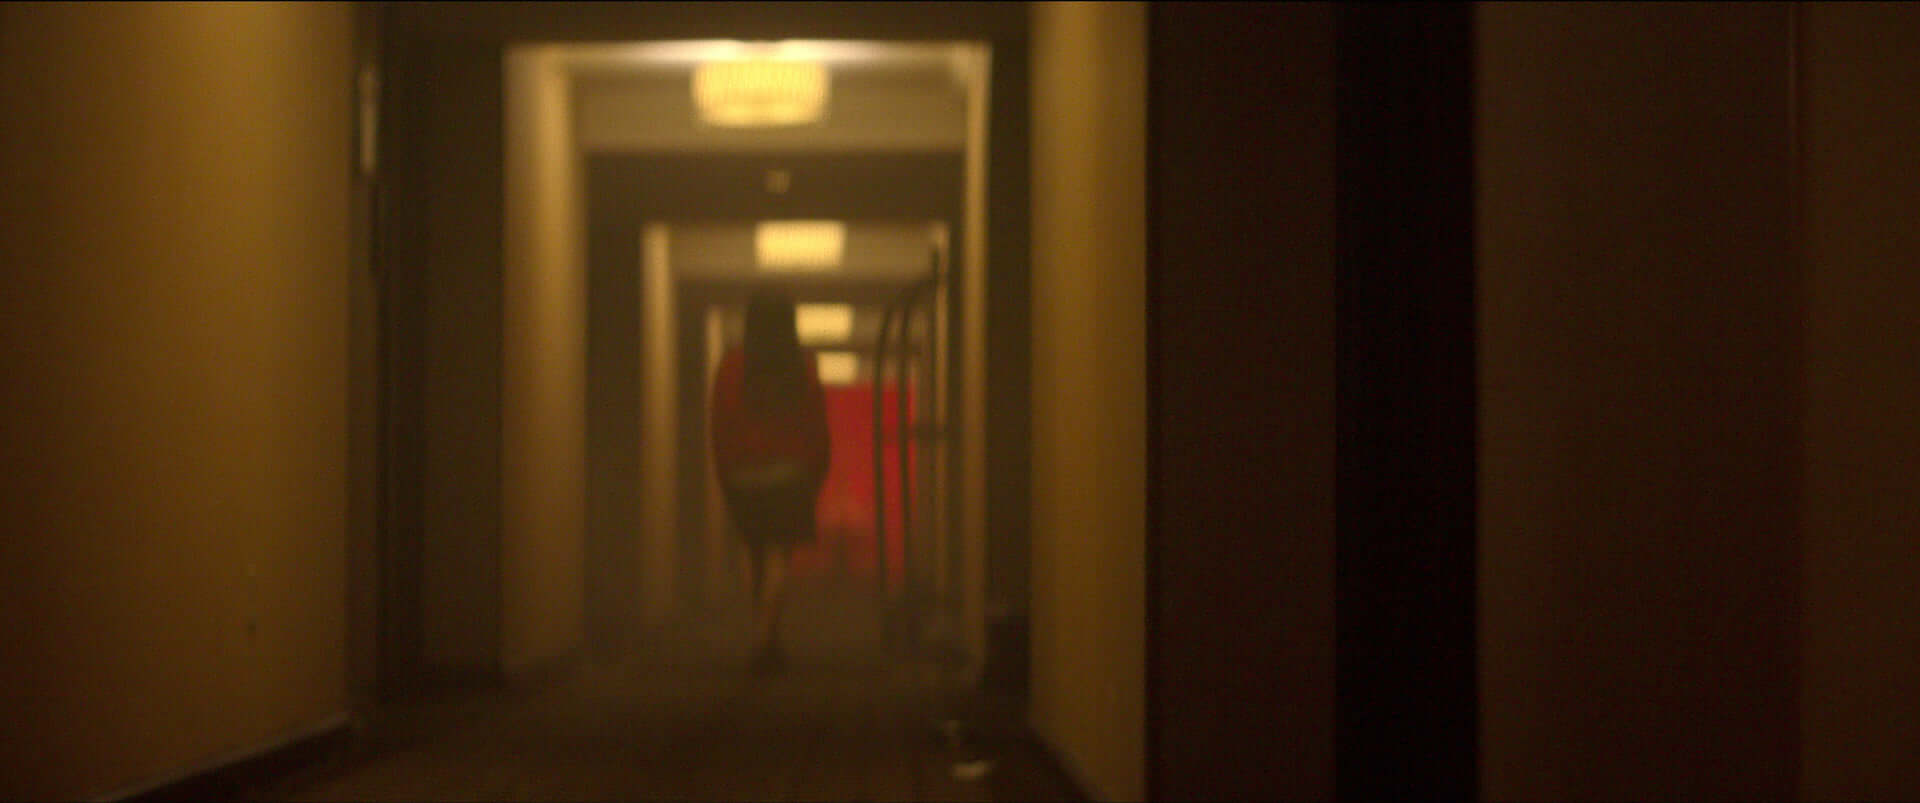 Netflixに山田孝之主演作『ステップ』やトム・ハンクス主演『この茫漠たる荒野で』など続々登場!川井憲次が音楽を担当した映画『陰陽師: とこしえの夢』も film210122_netflix_6-1920x803